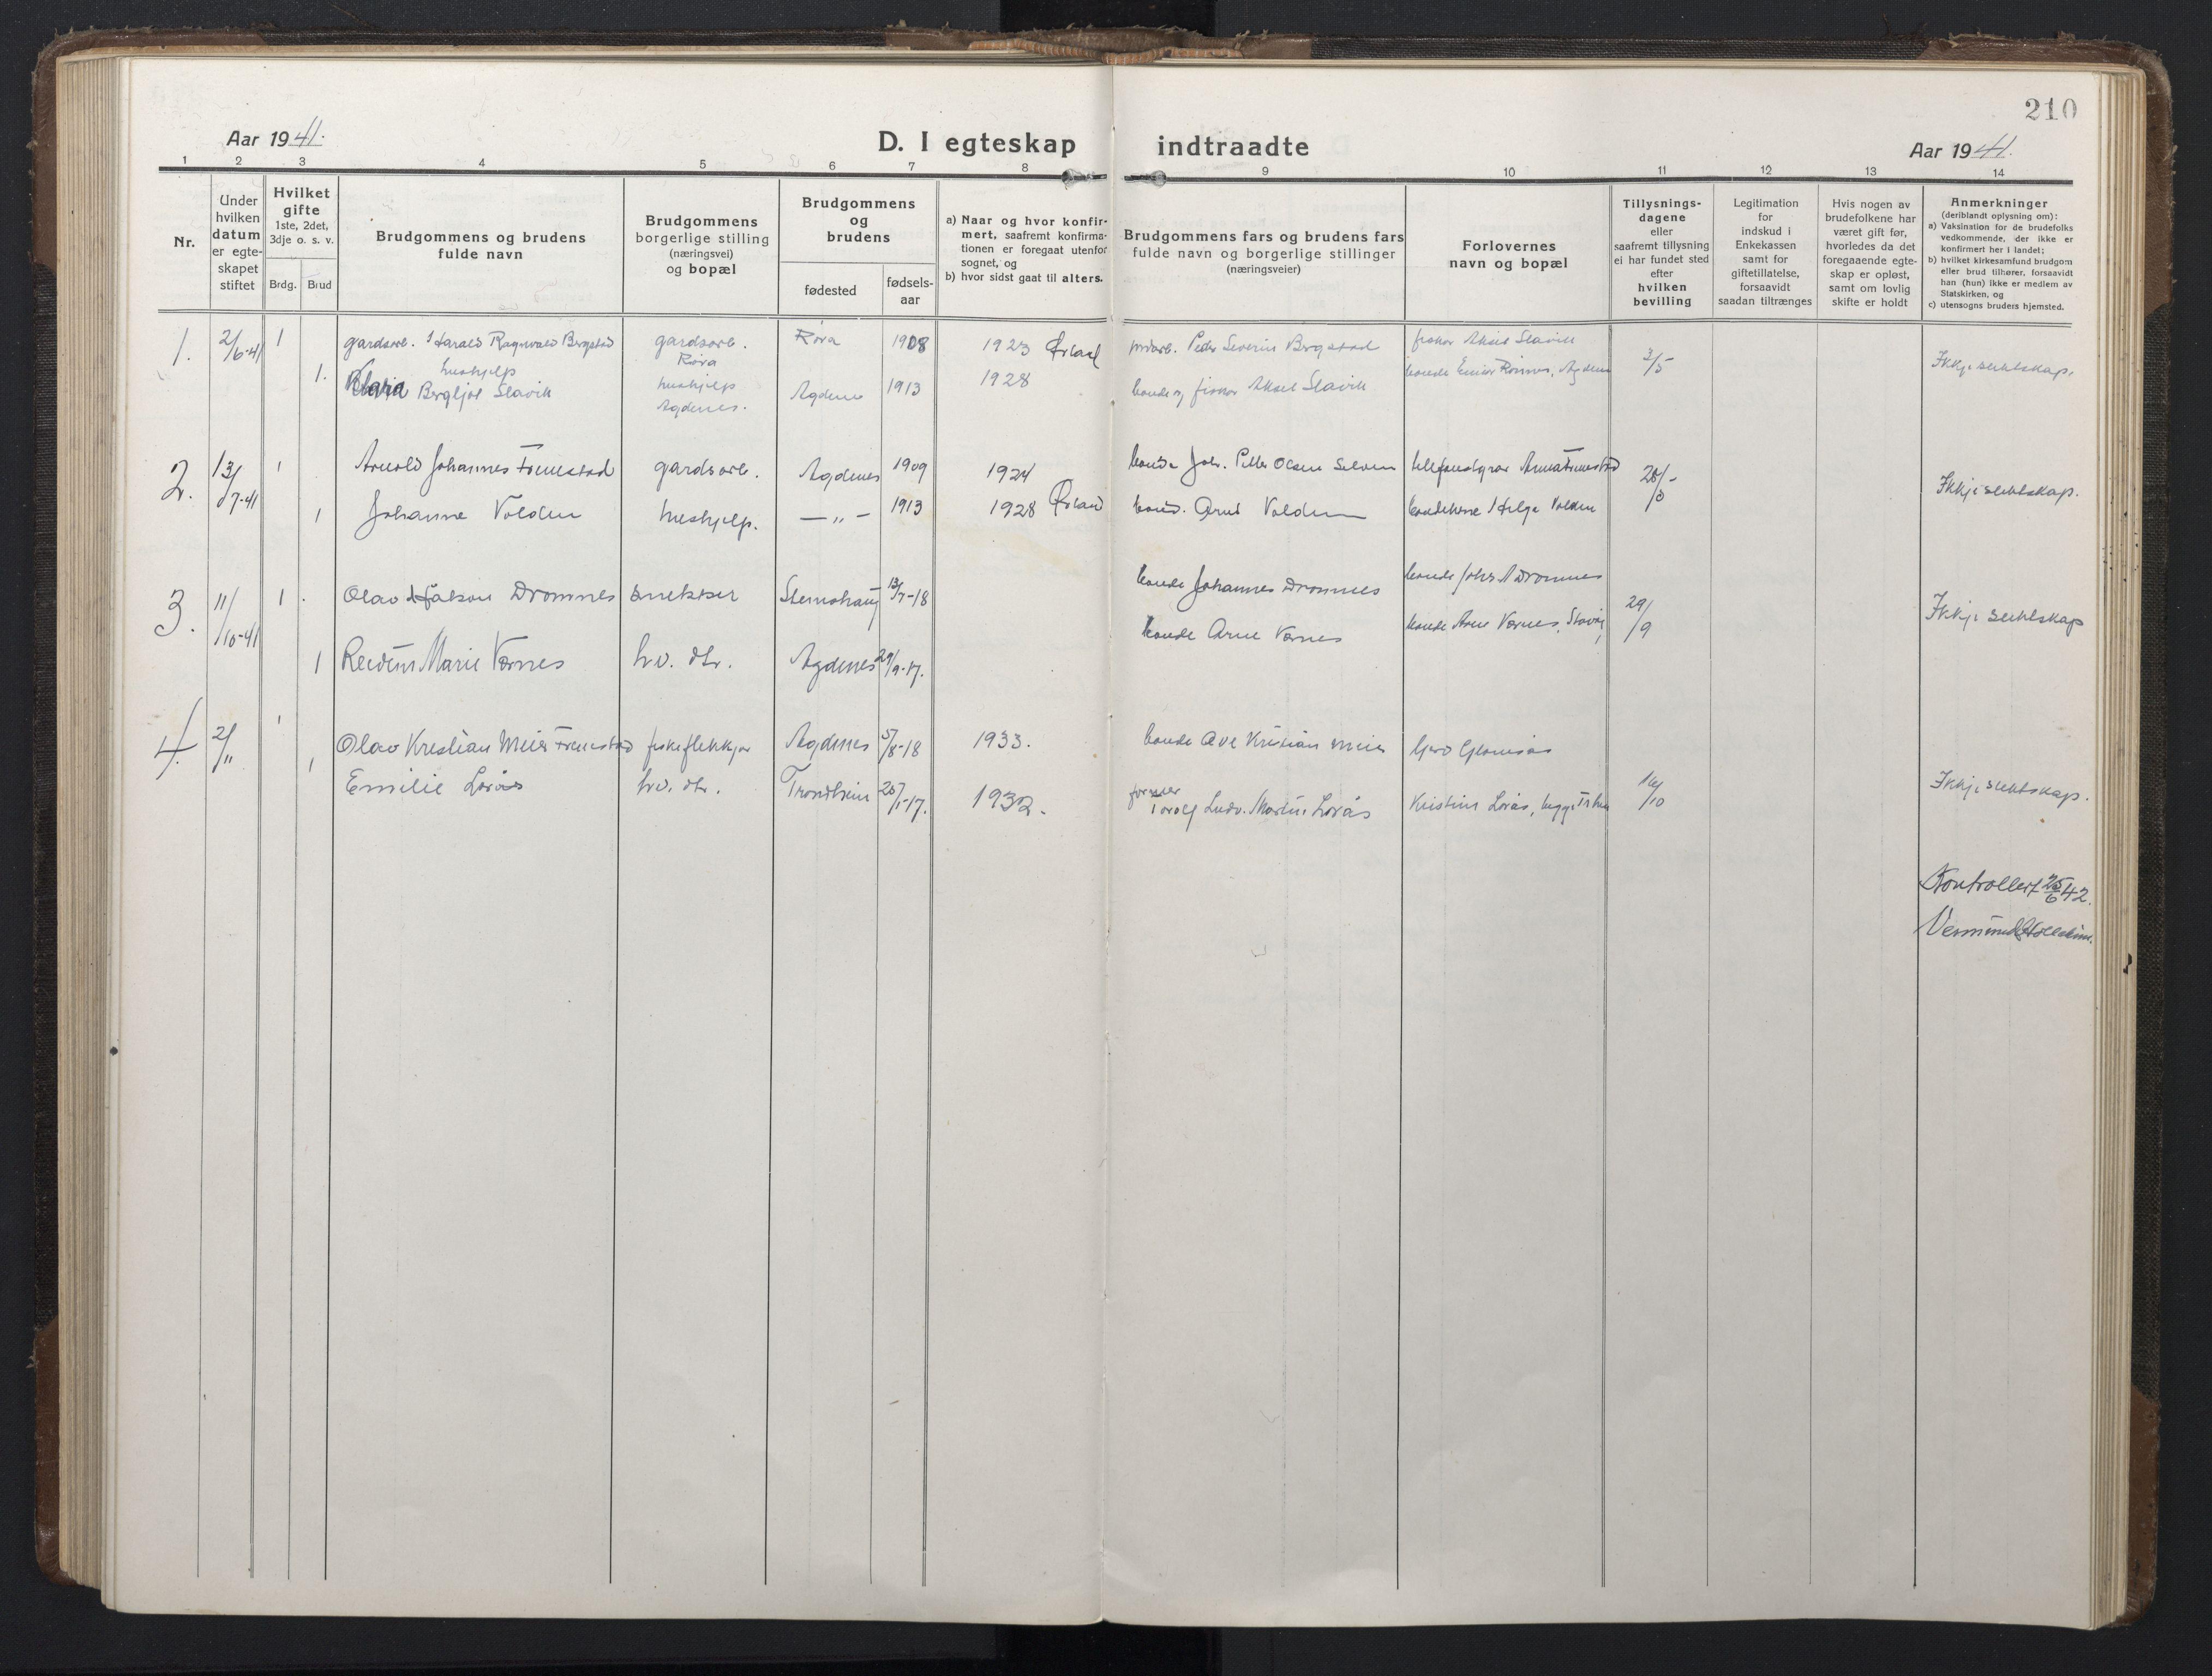 SAT, Ministerialprotokoller, klokkerbøker og fødselsregistre - Sør-Trøndelag, 662/L0758: Klokkerbok nr. 662C03, 1918-1948, s. 210